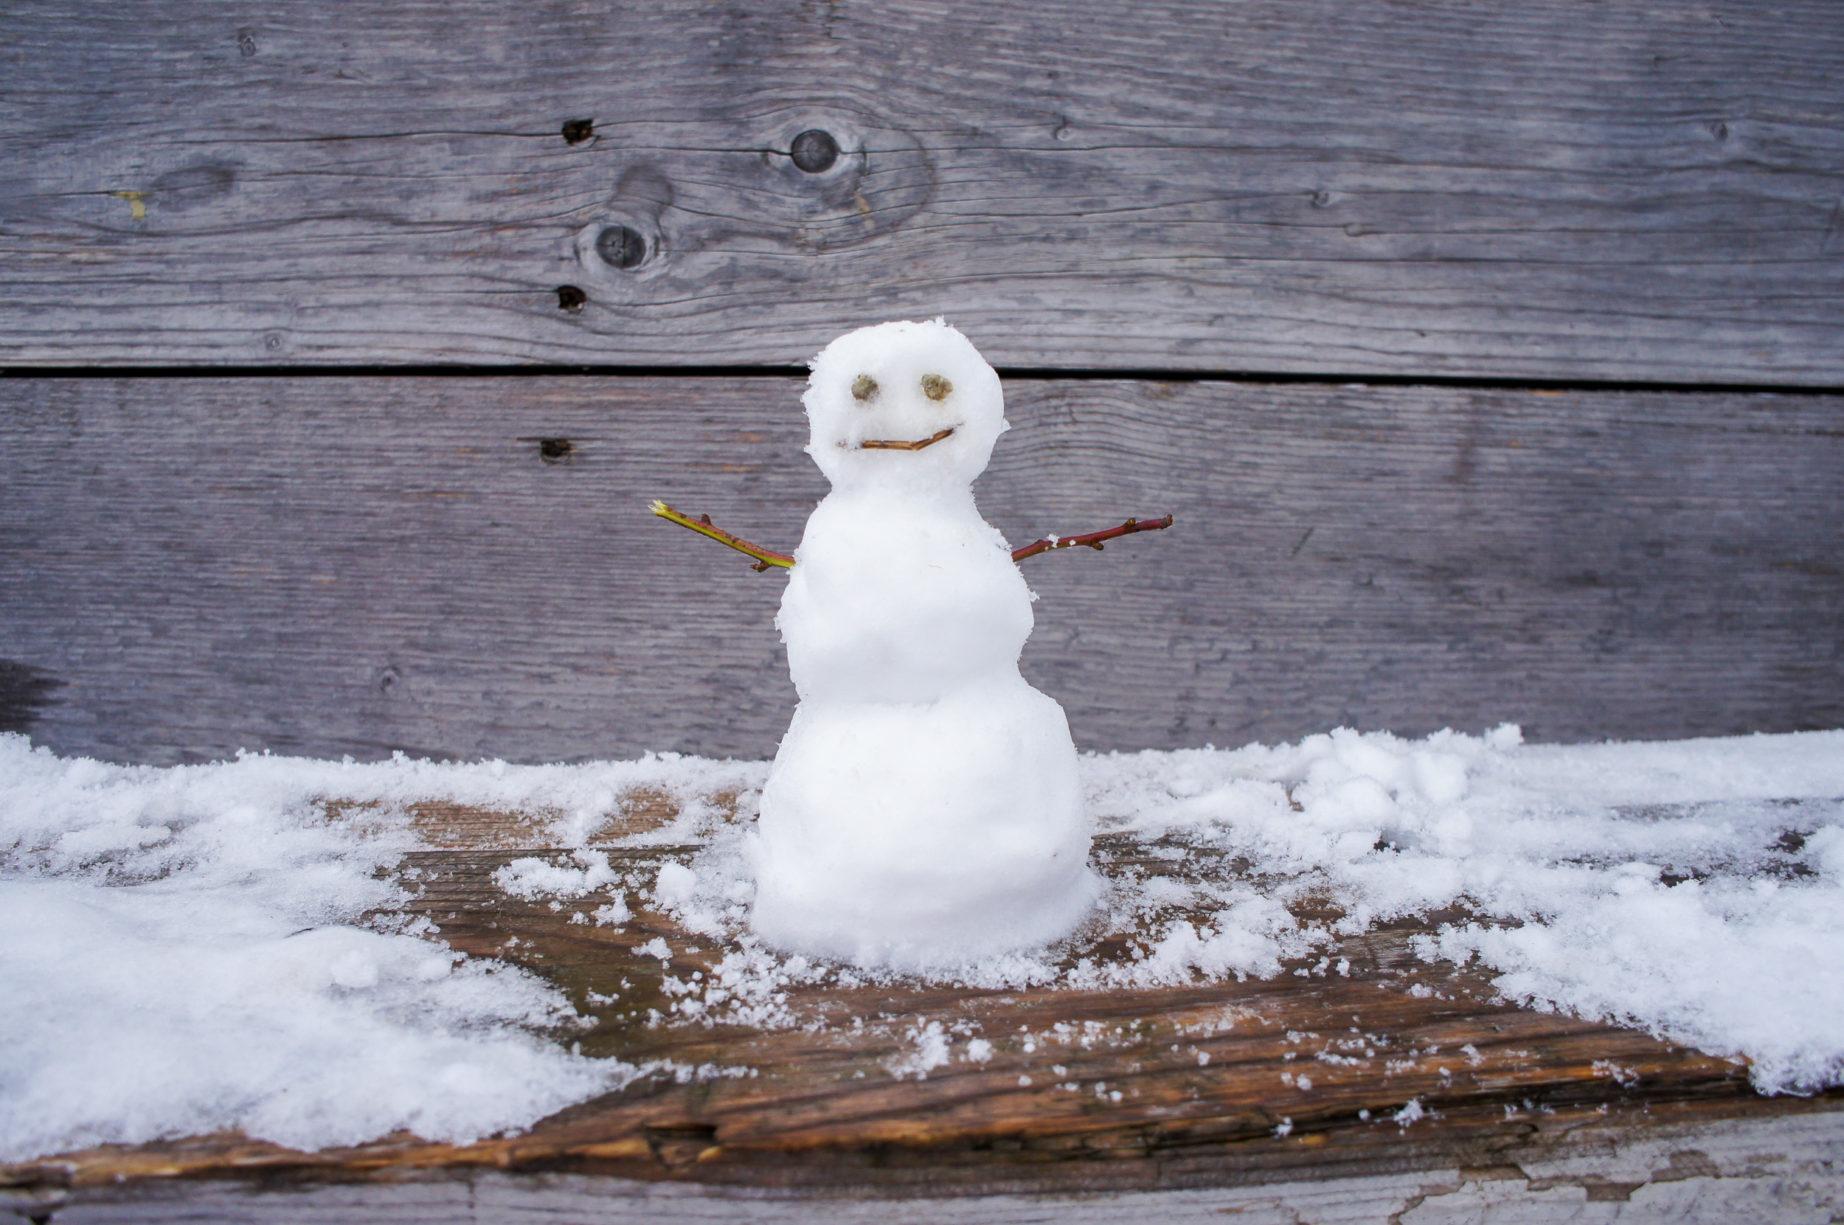 Alles in allem eine gelungene erste Winter-Tour. Sogar ein Schneemann war dabei ;-)